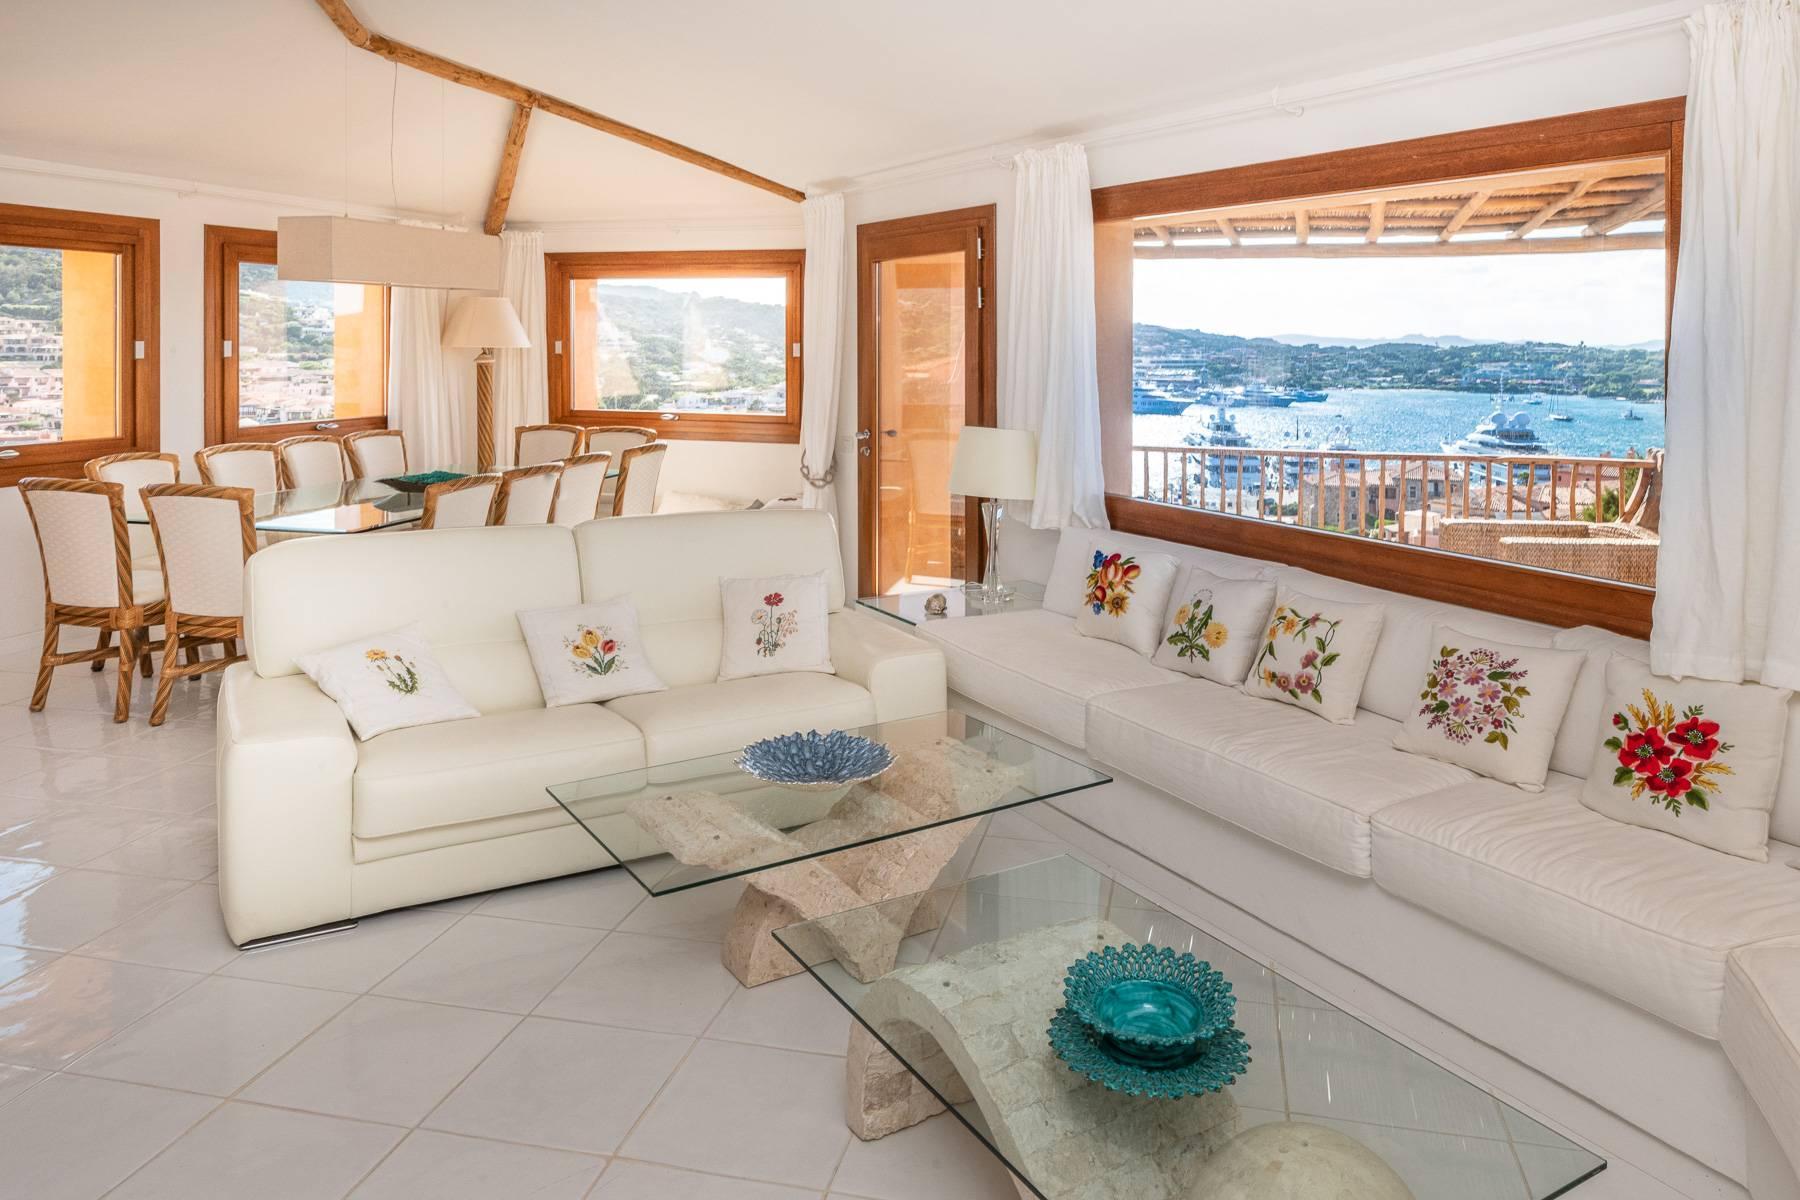 Importante villa indipendente con un impareggiabile panorama, nel cuore di Porto Cervo. - 4